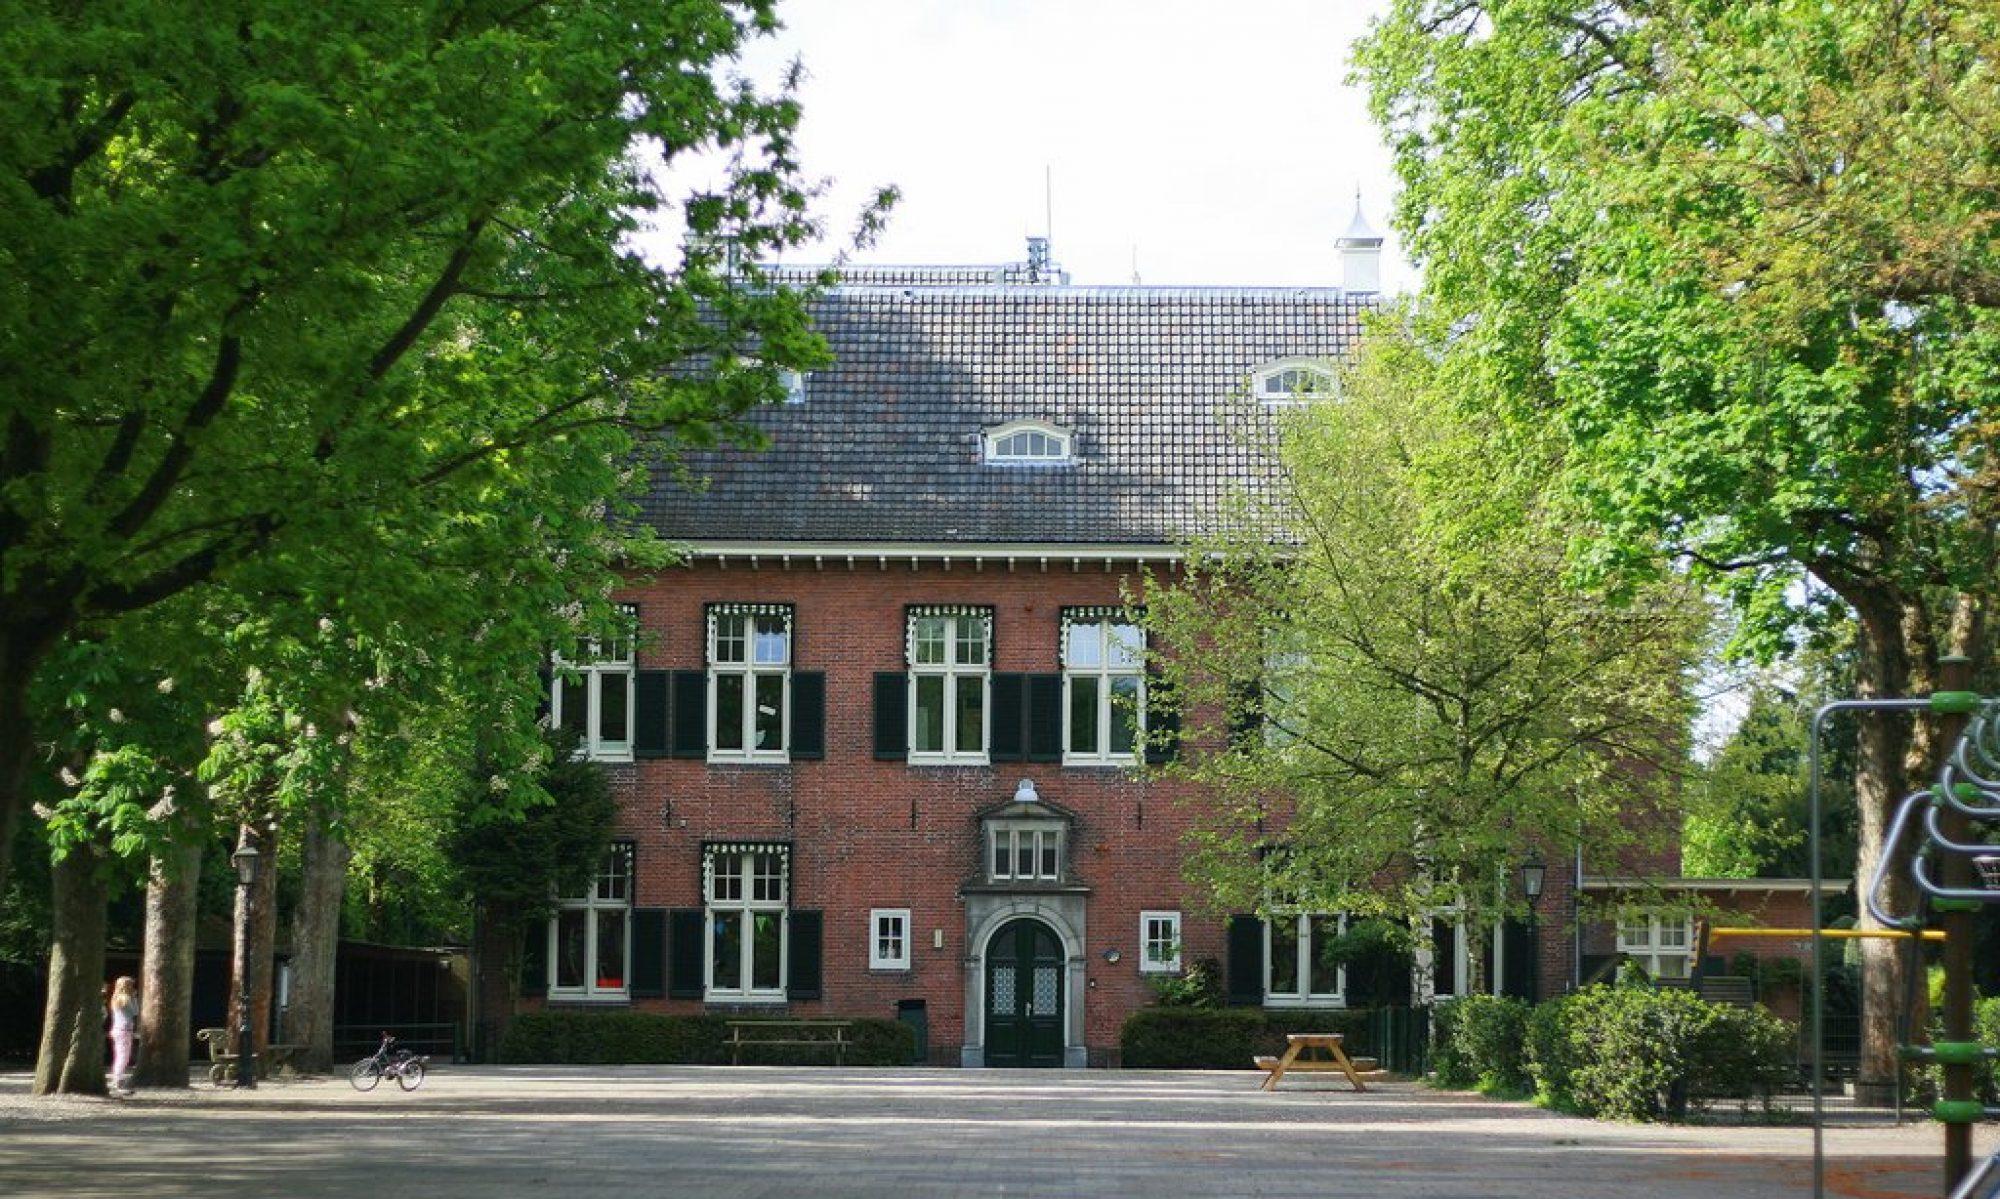 Vereniging De Gooische School